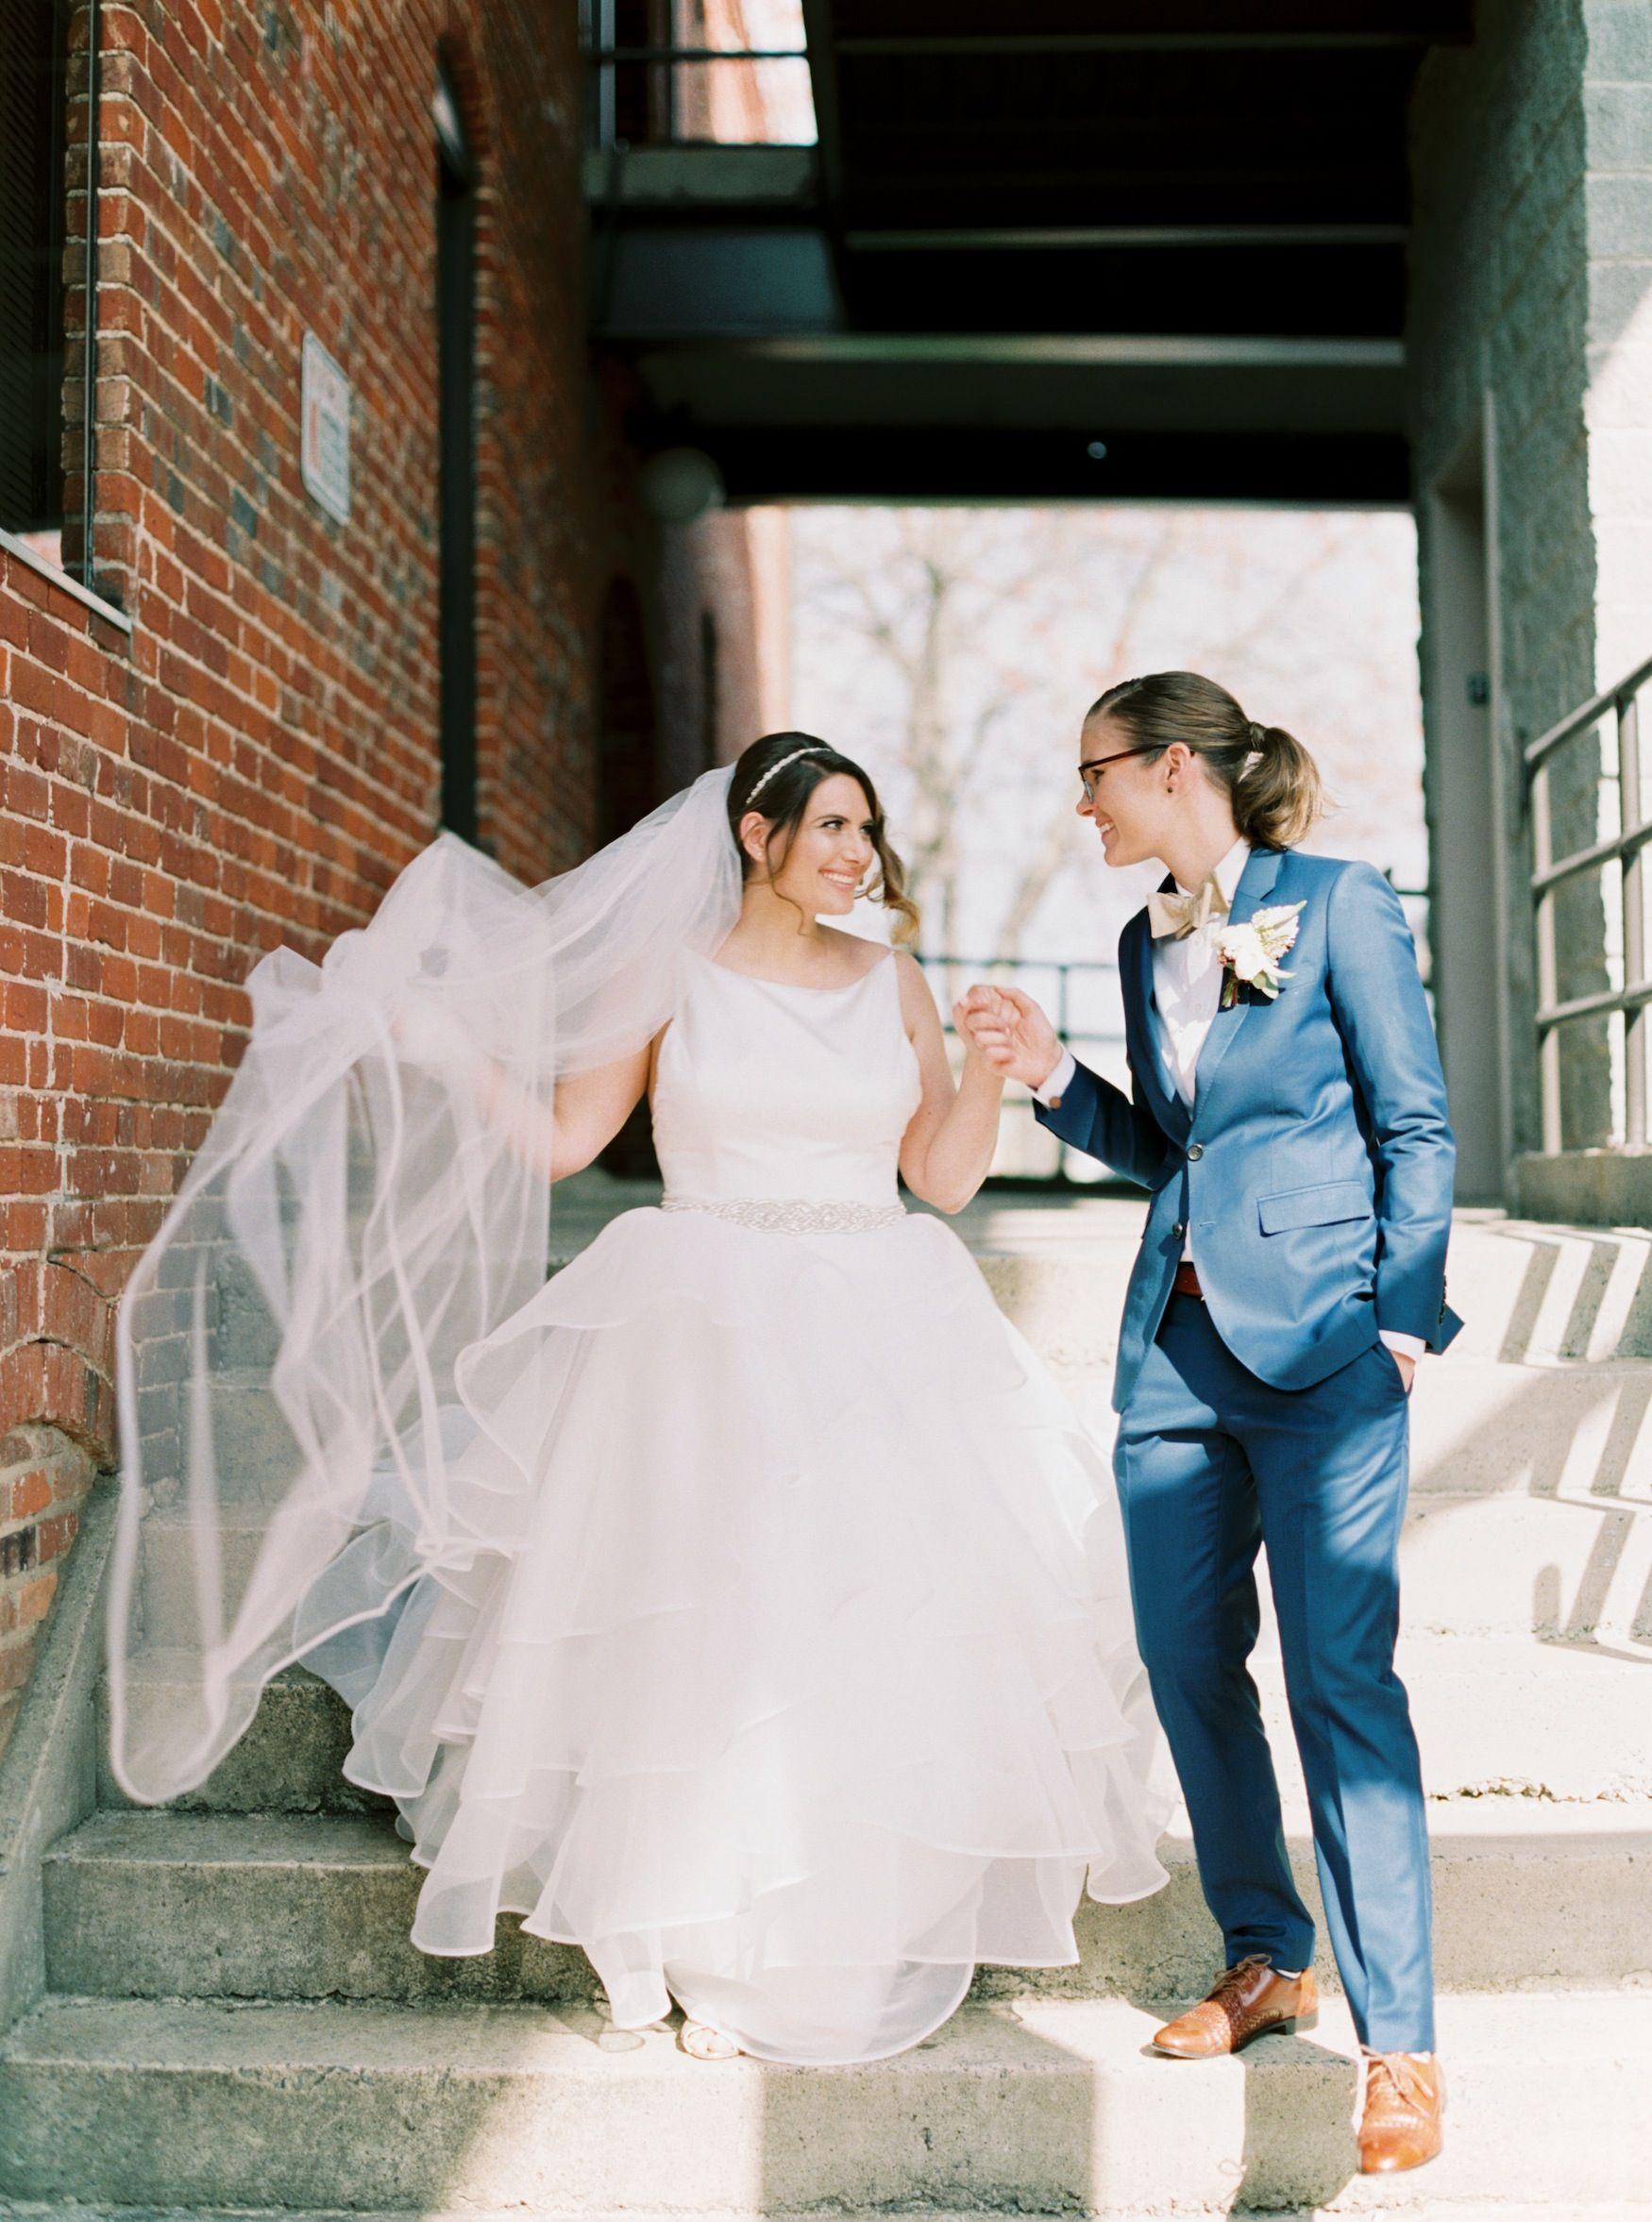 Image result for lesbian wedding suit | wedding | Pinterest ...